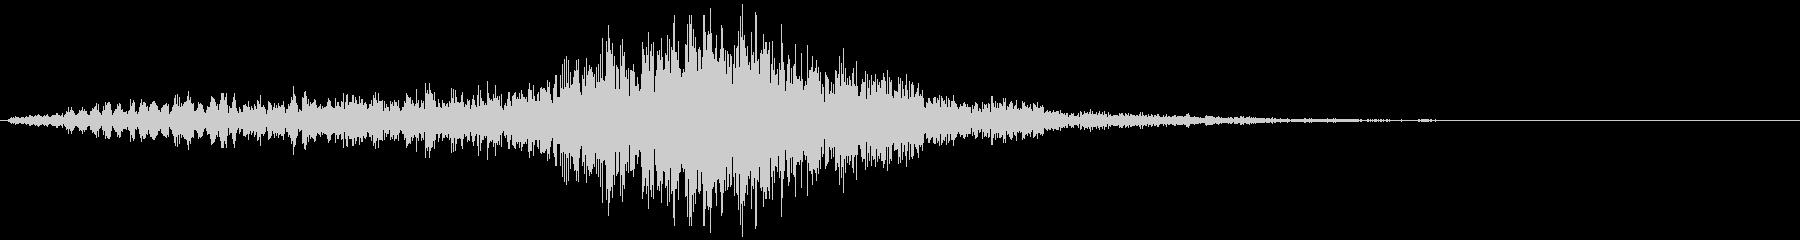 【ホラー】スリル SE_11 ゴーッッの未再生の波形